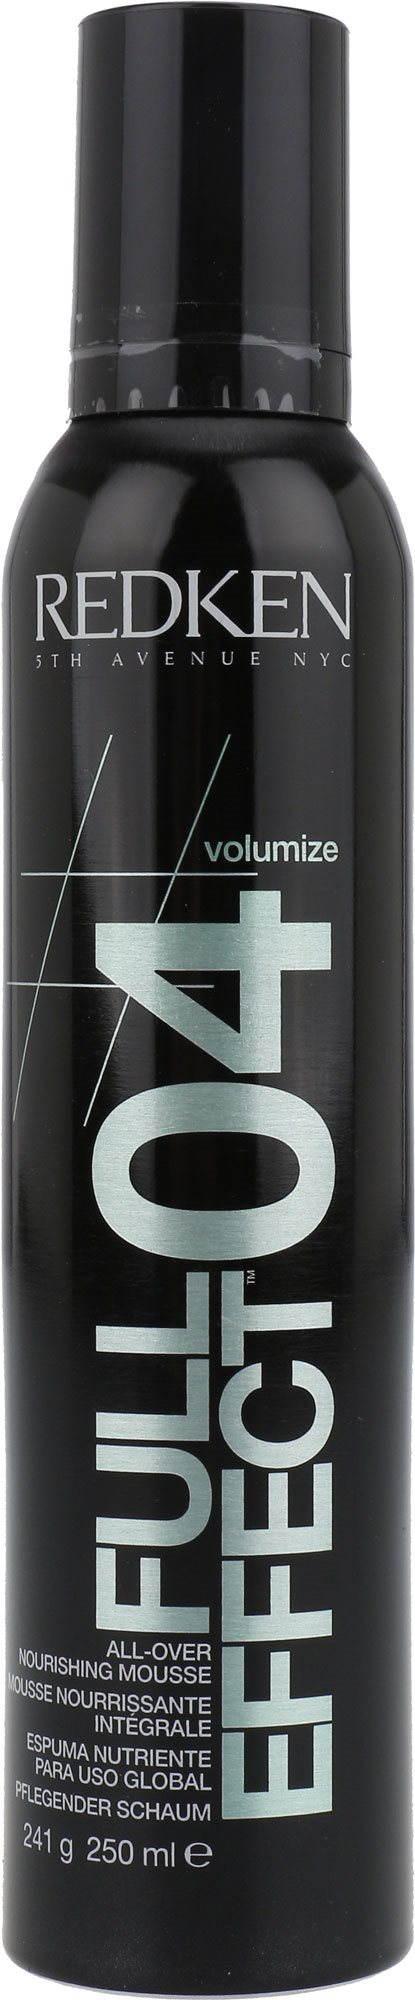 REDKEN Volumize Full Effect04 250 ml